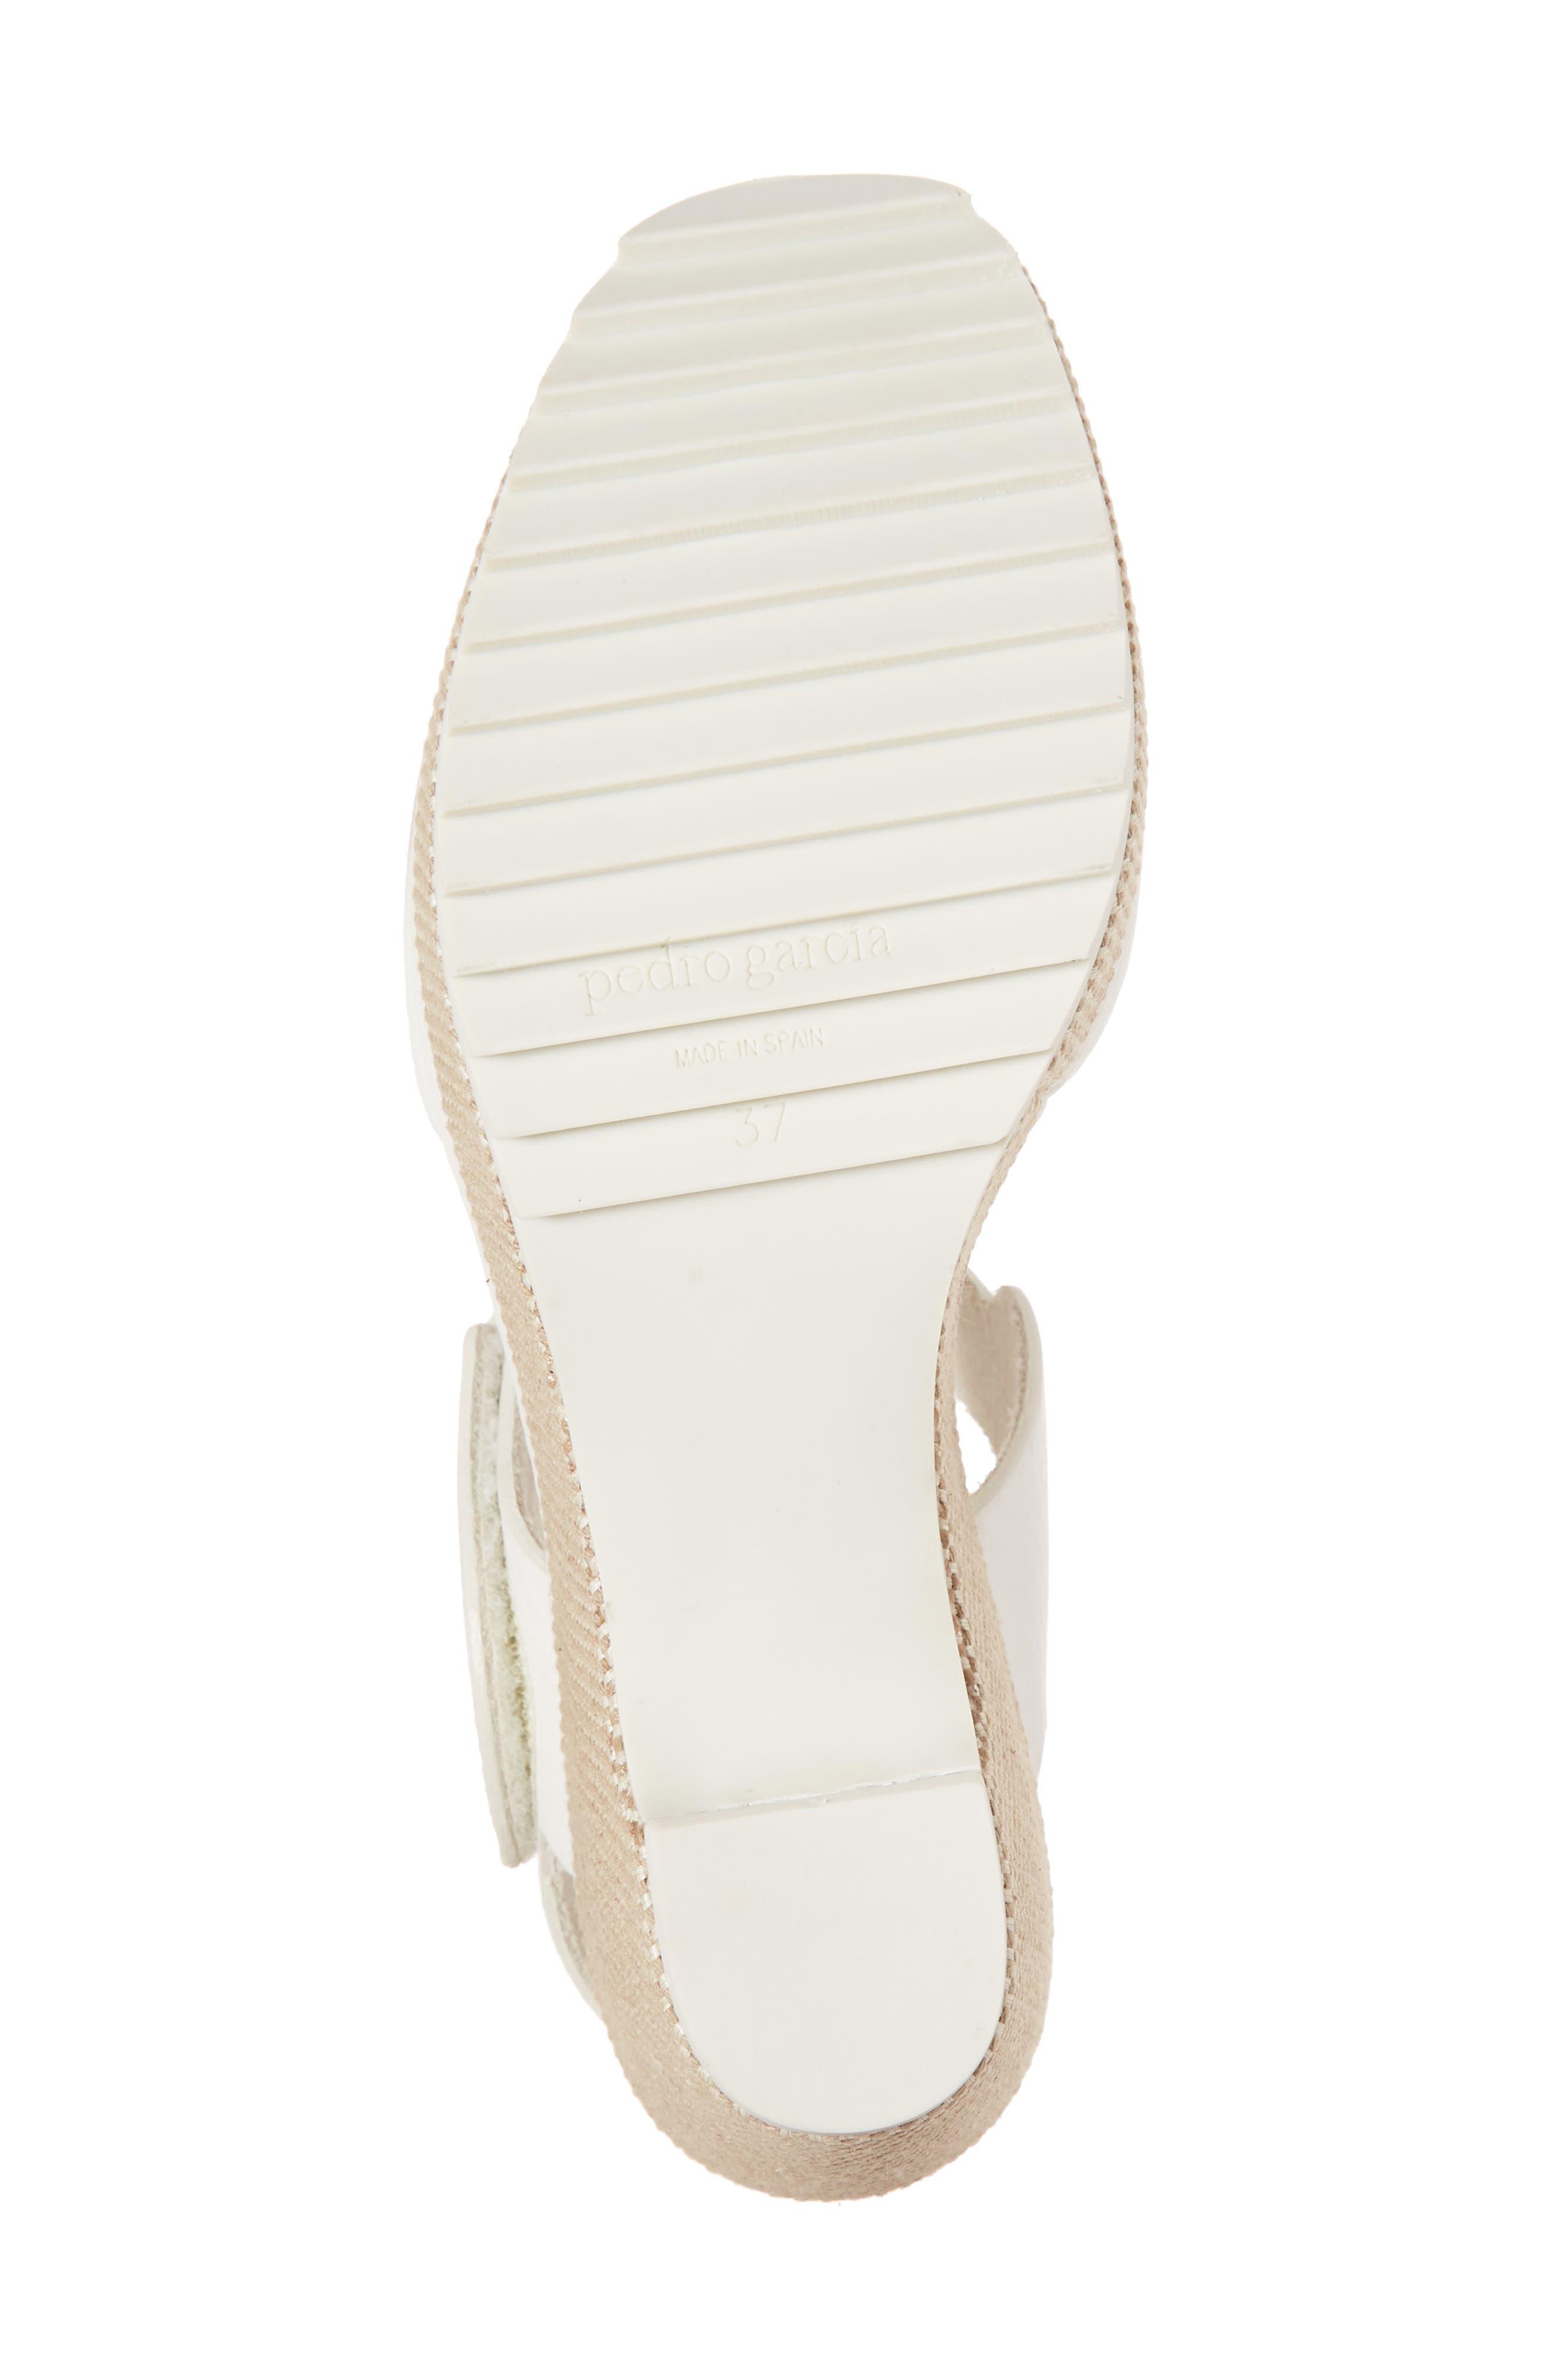 Fah Wedge Sandal,                             Alternate thumbnail 6, color,                             White Cervo